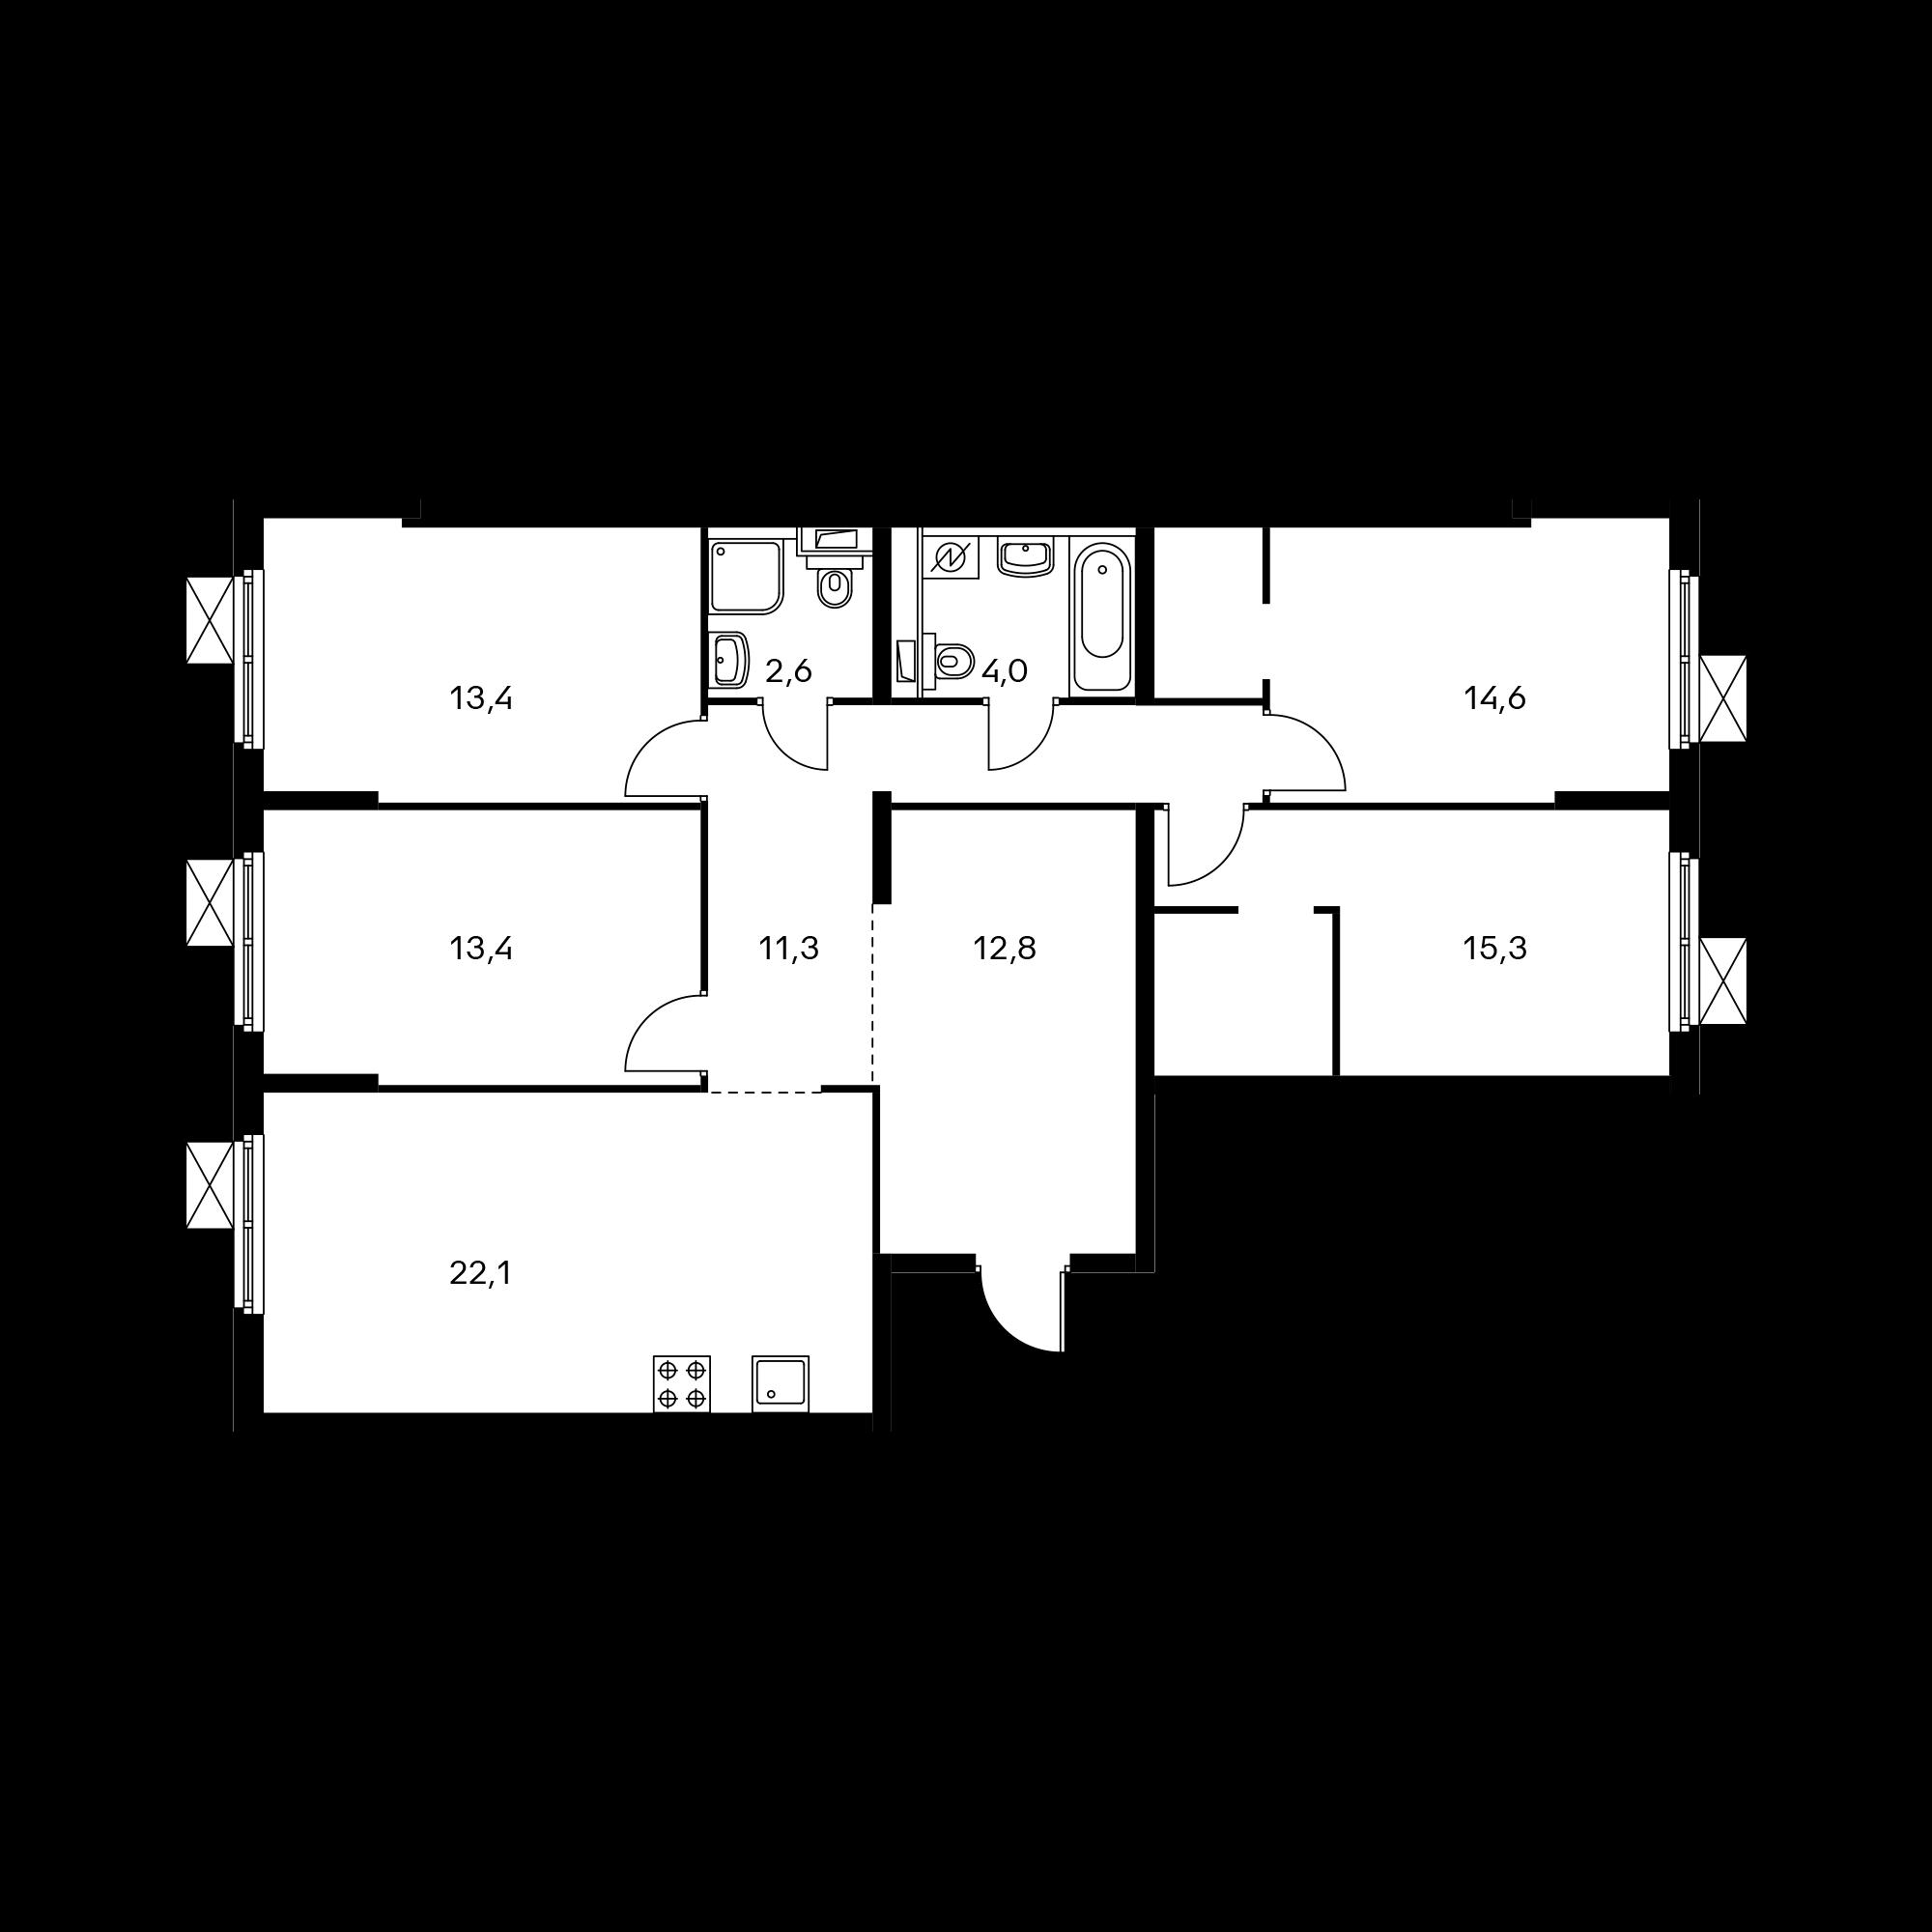 4KM16_6.0-1_S_A-1